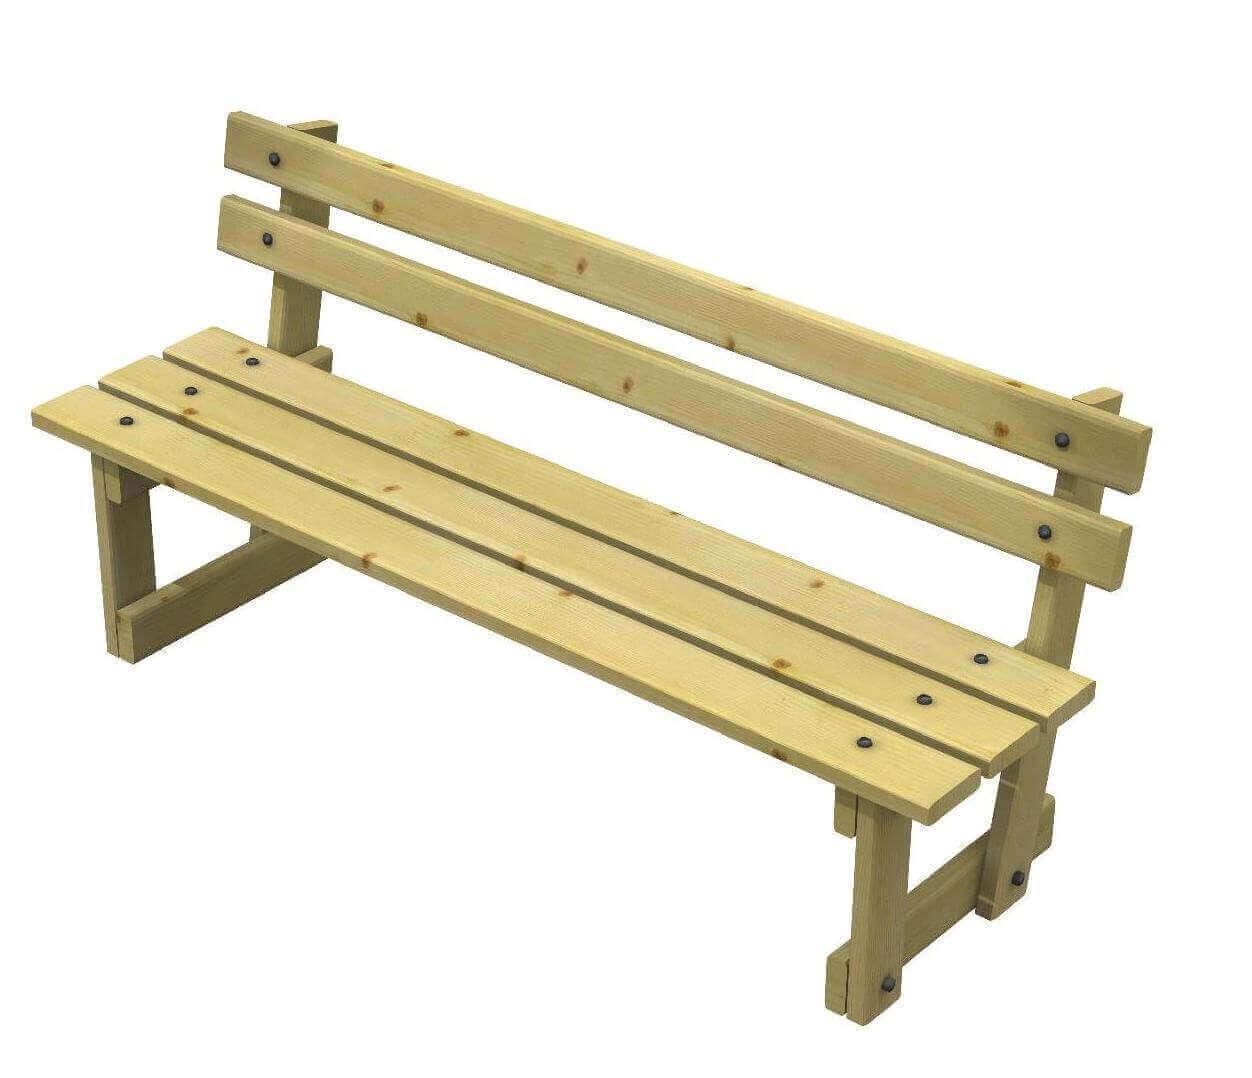 Panchine in legno - Tutte le offerte : Cascare a Fagiolo